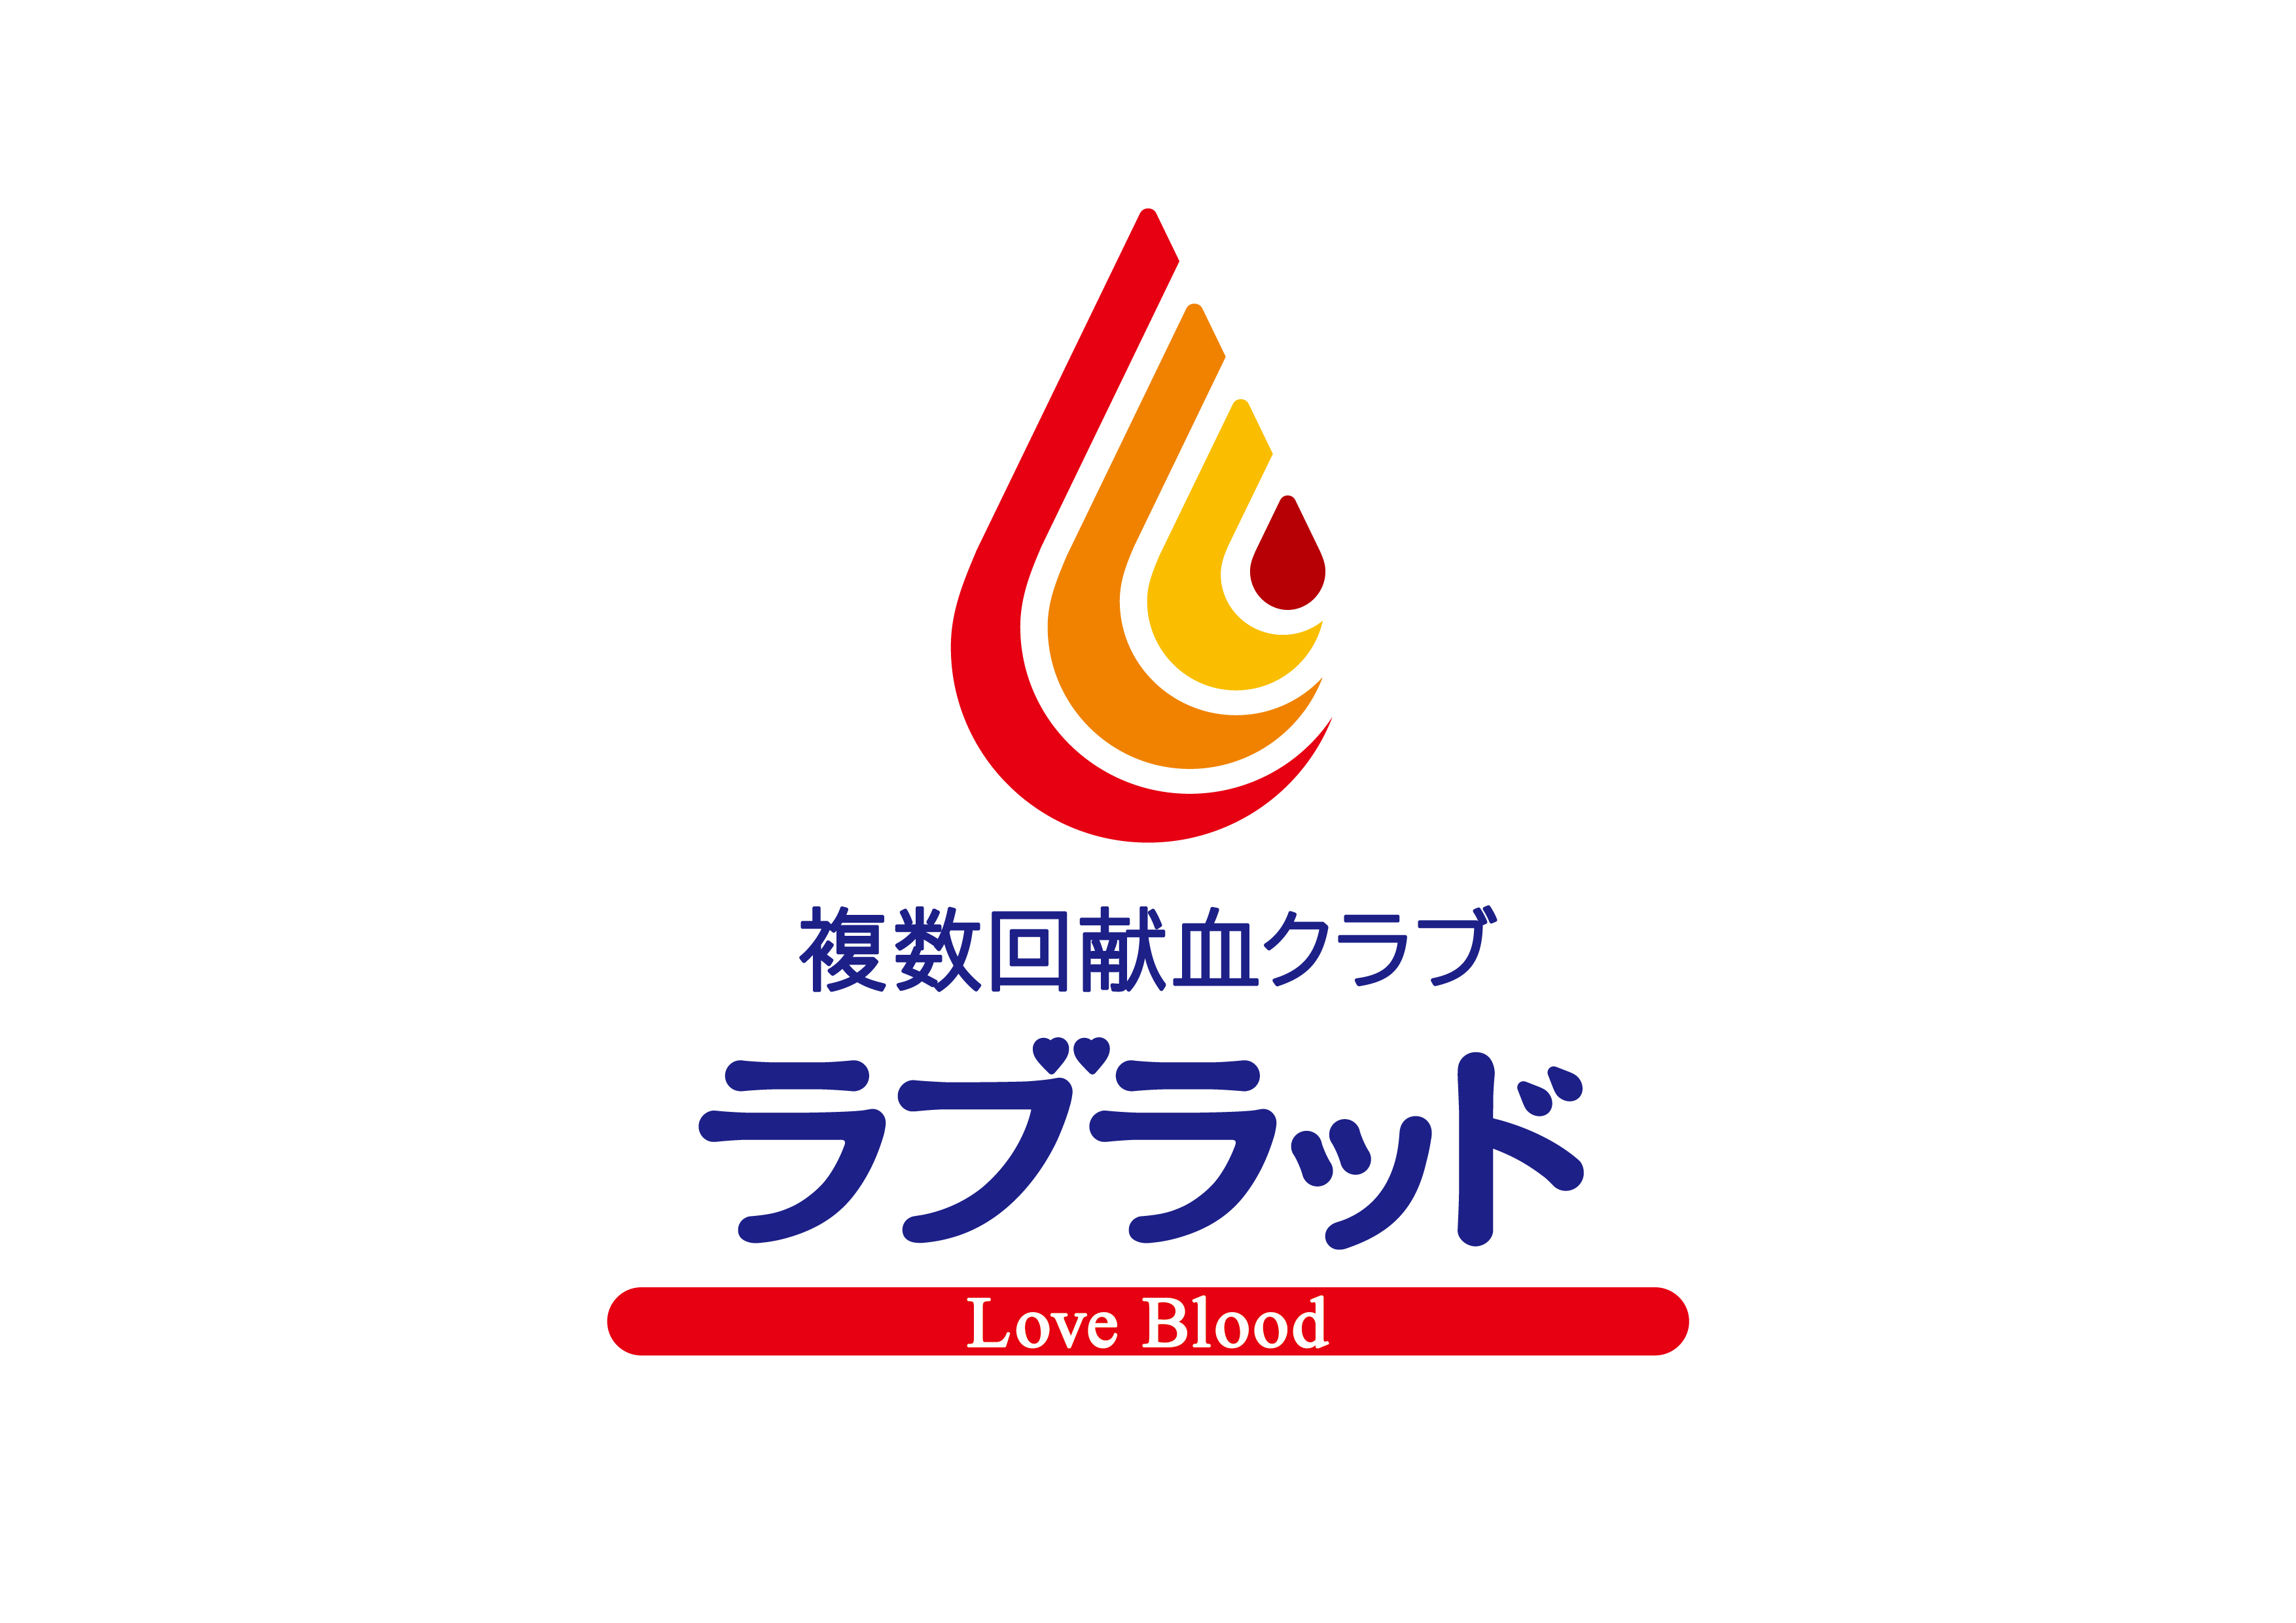 予約 献血